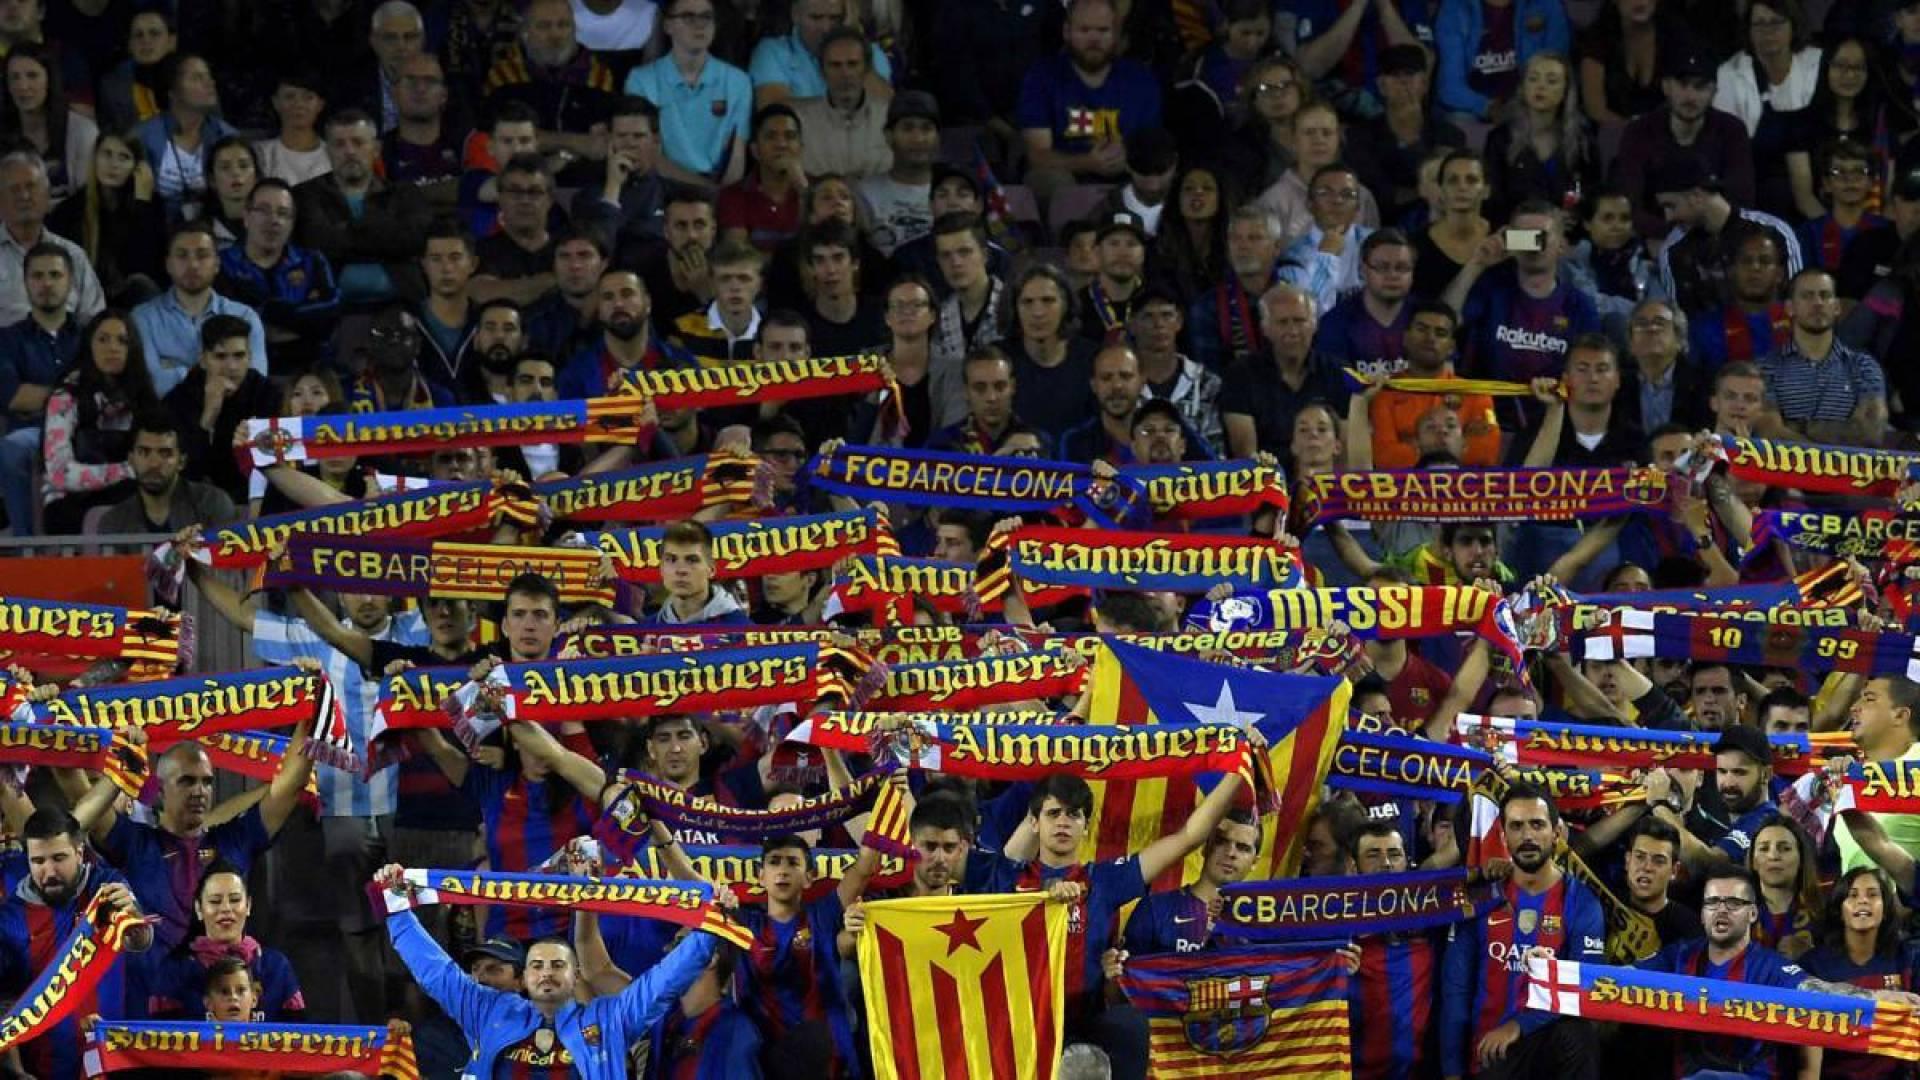 """بعد إيقاف """"الدوري الإسباني""""رسميا .. 600 مليون يورو خسائر """"الليجا"""""""